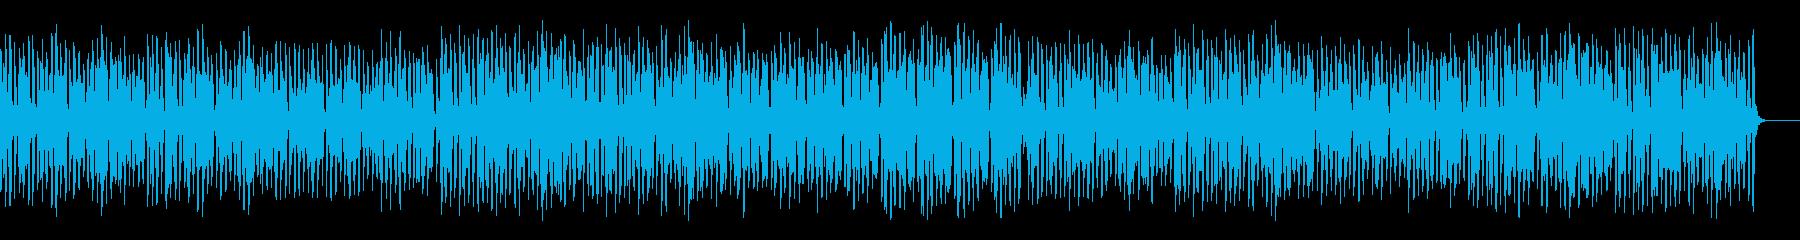 軽快でコミカル可愛いリコーダーの再生済みの波形